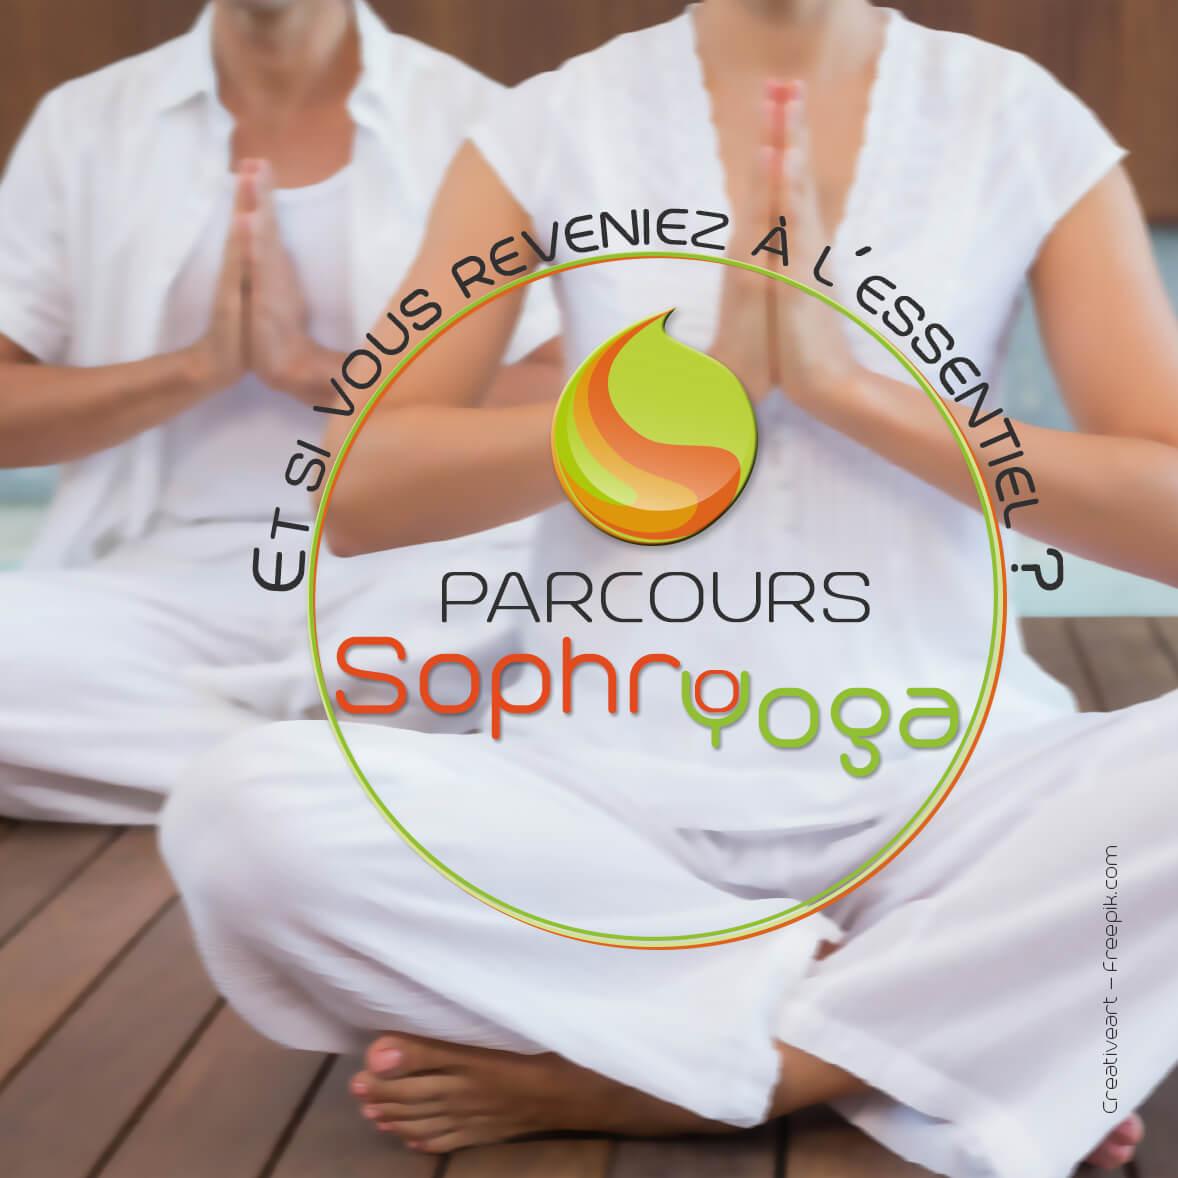 Et si vous reveniez à l'essentiel avec notre parcours sophro-yoga à La Chapelle Basse Mer